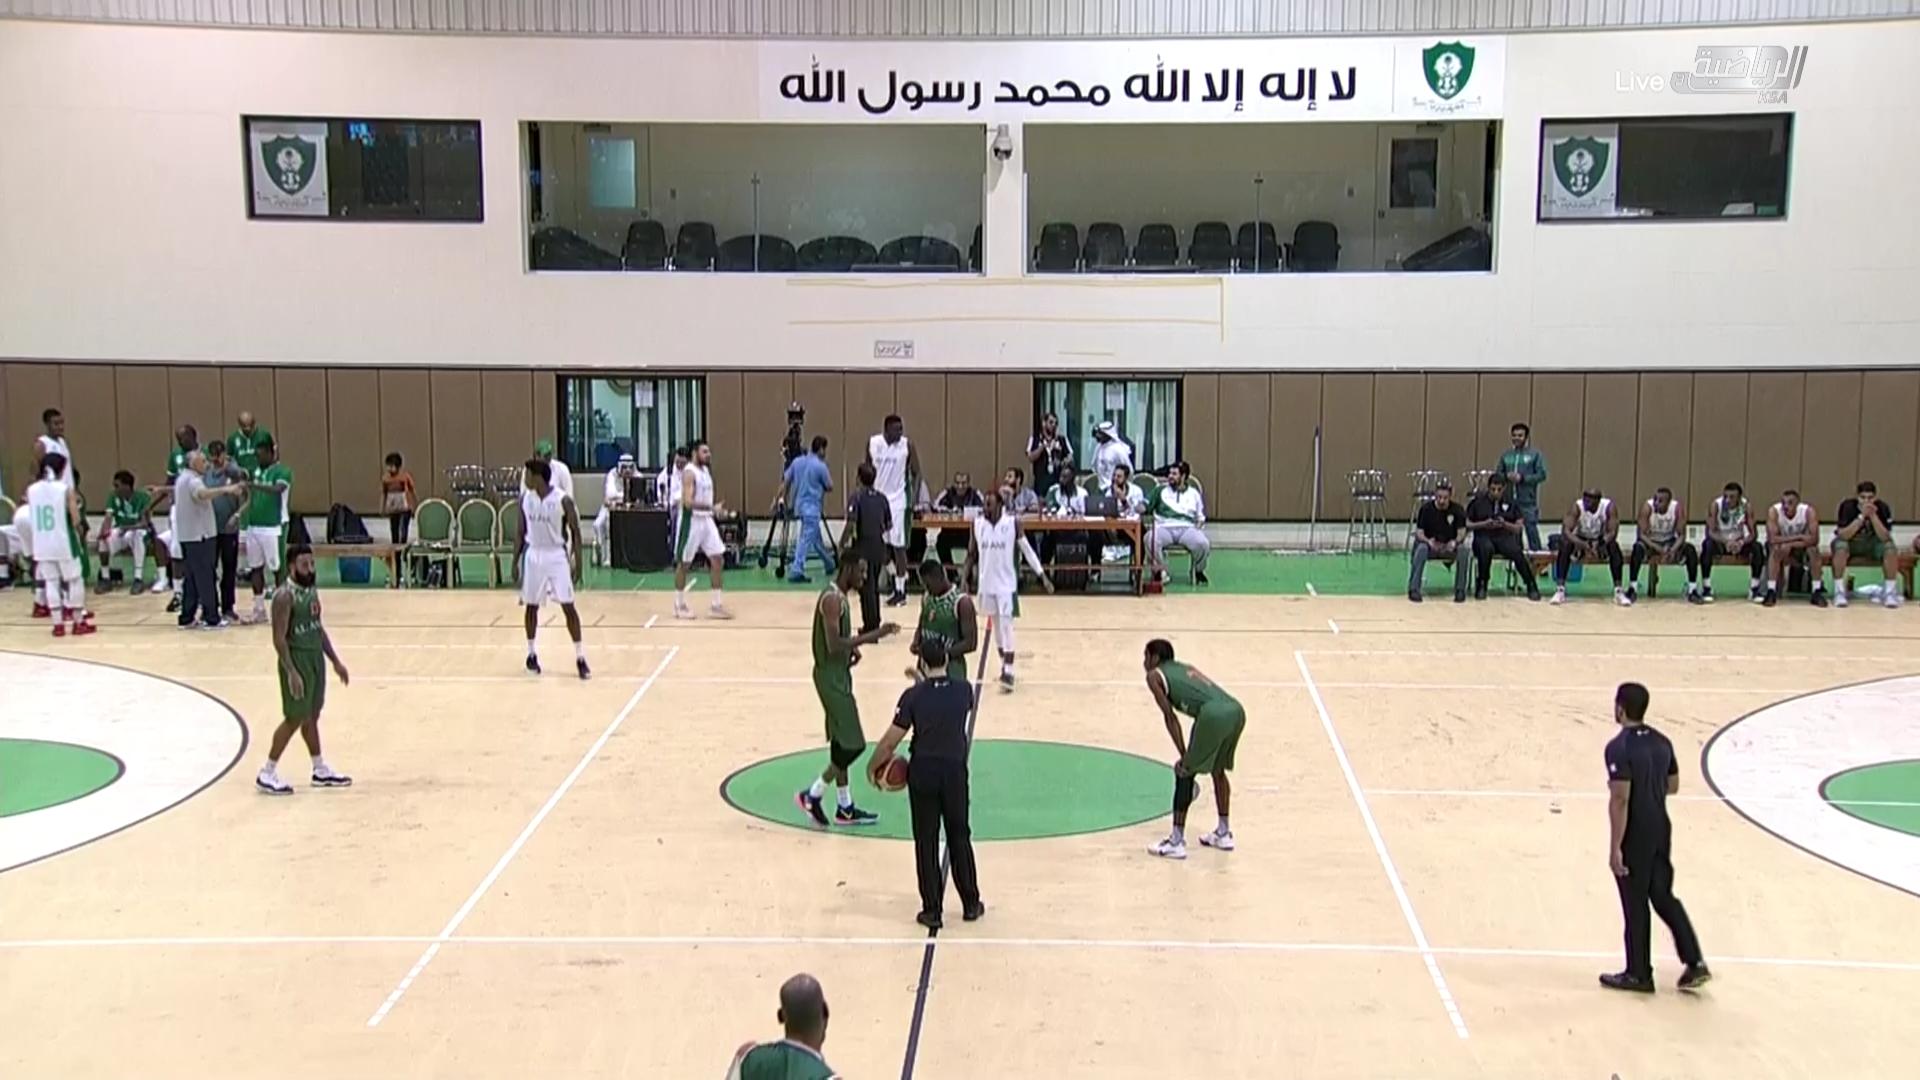 مباراة ( الاهلي و الانصار ) الدوري الممتاز لكرة السلة الجولة العاشرة